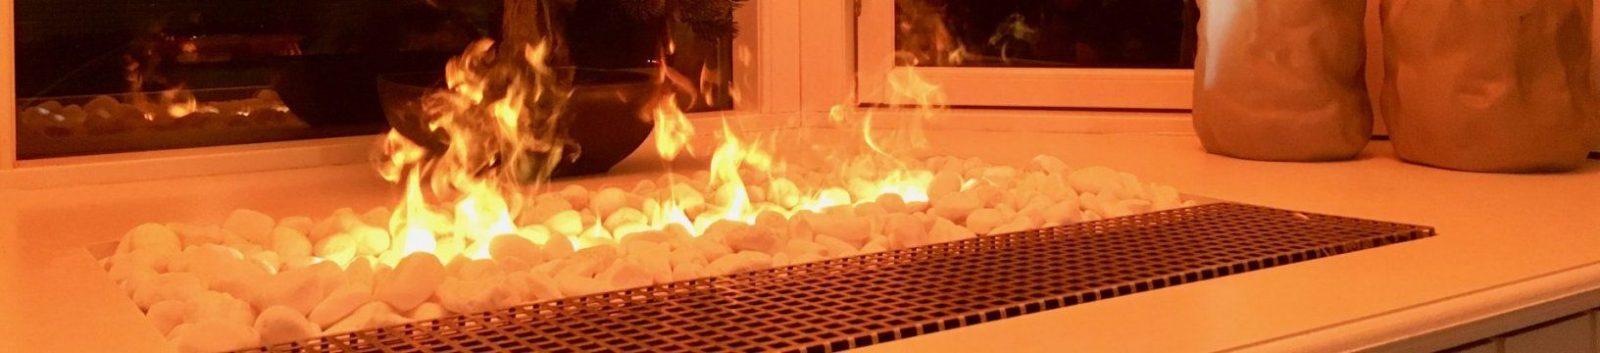 Wasserdampf Kamin – Elektrokamin Mit Wasserdampf Feuereffekt von Elektrische Kamine Mit Wasserdampf Photo